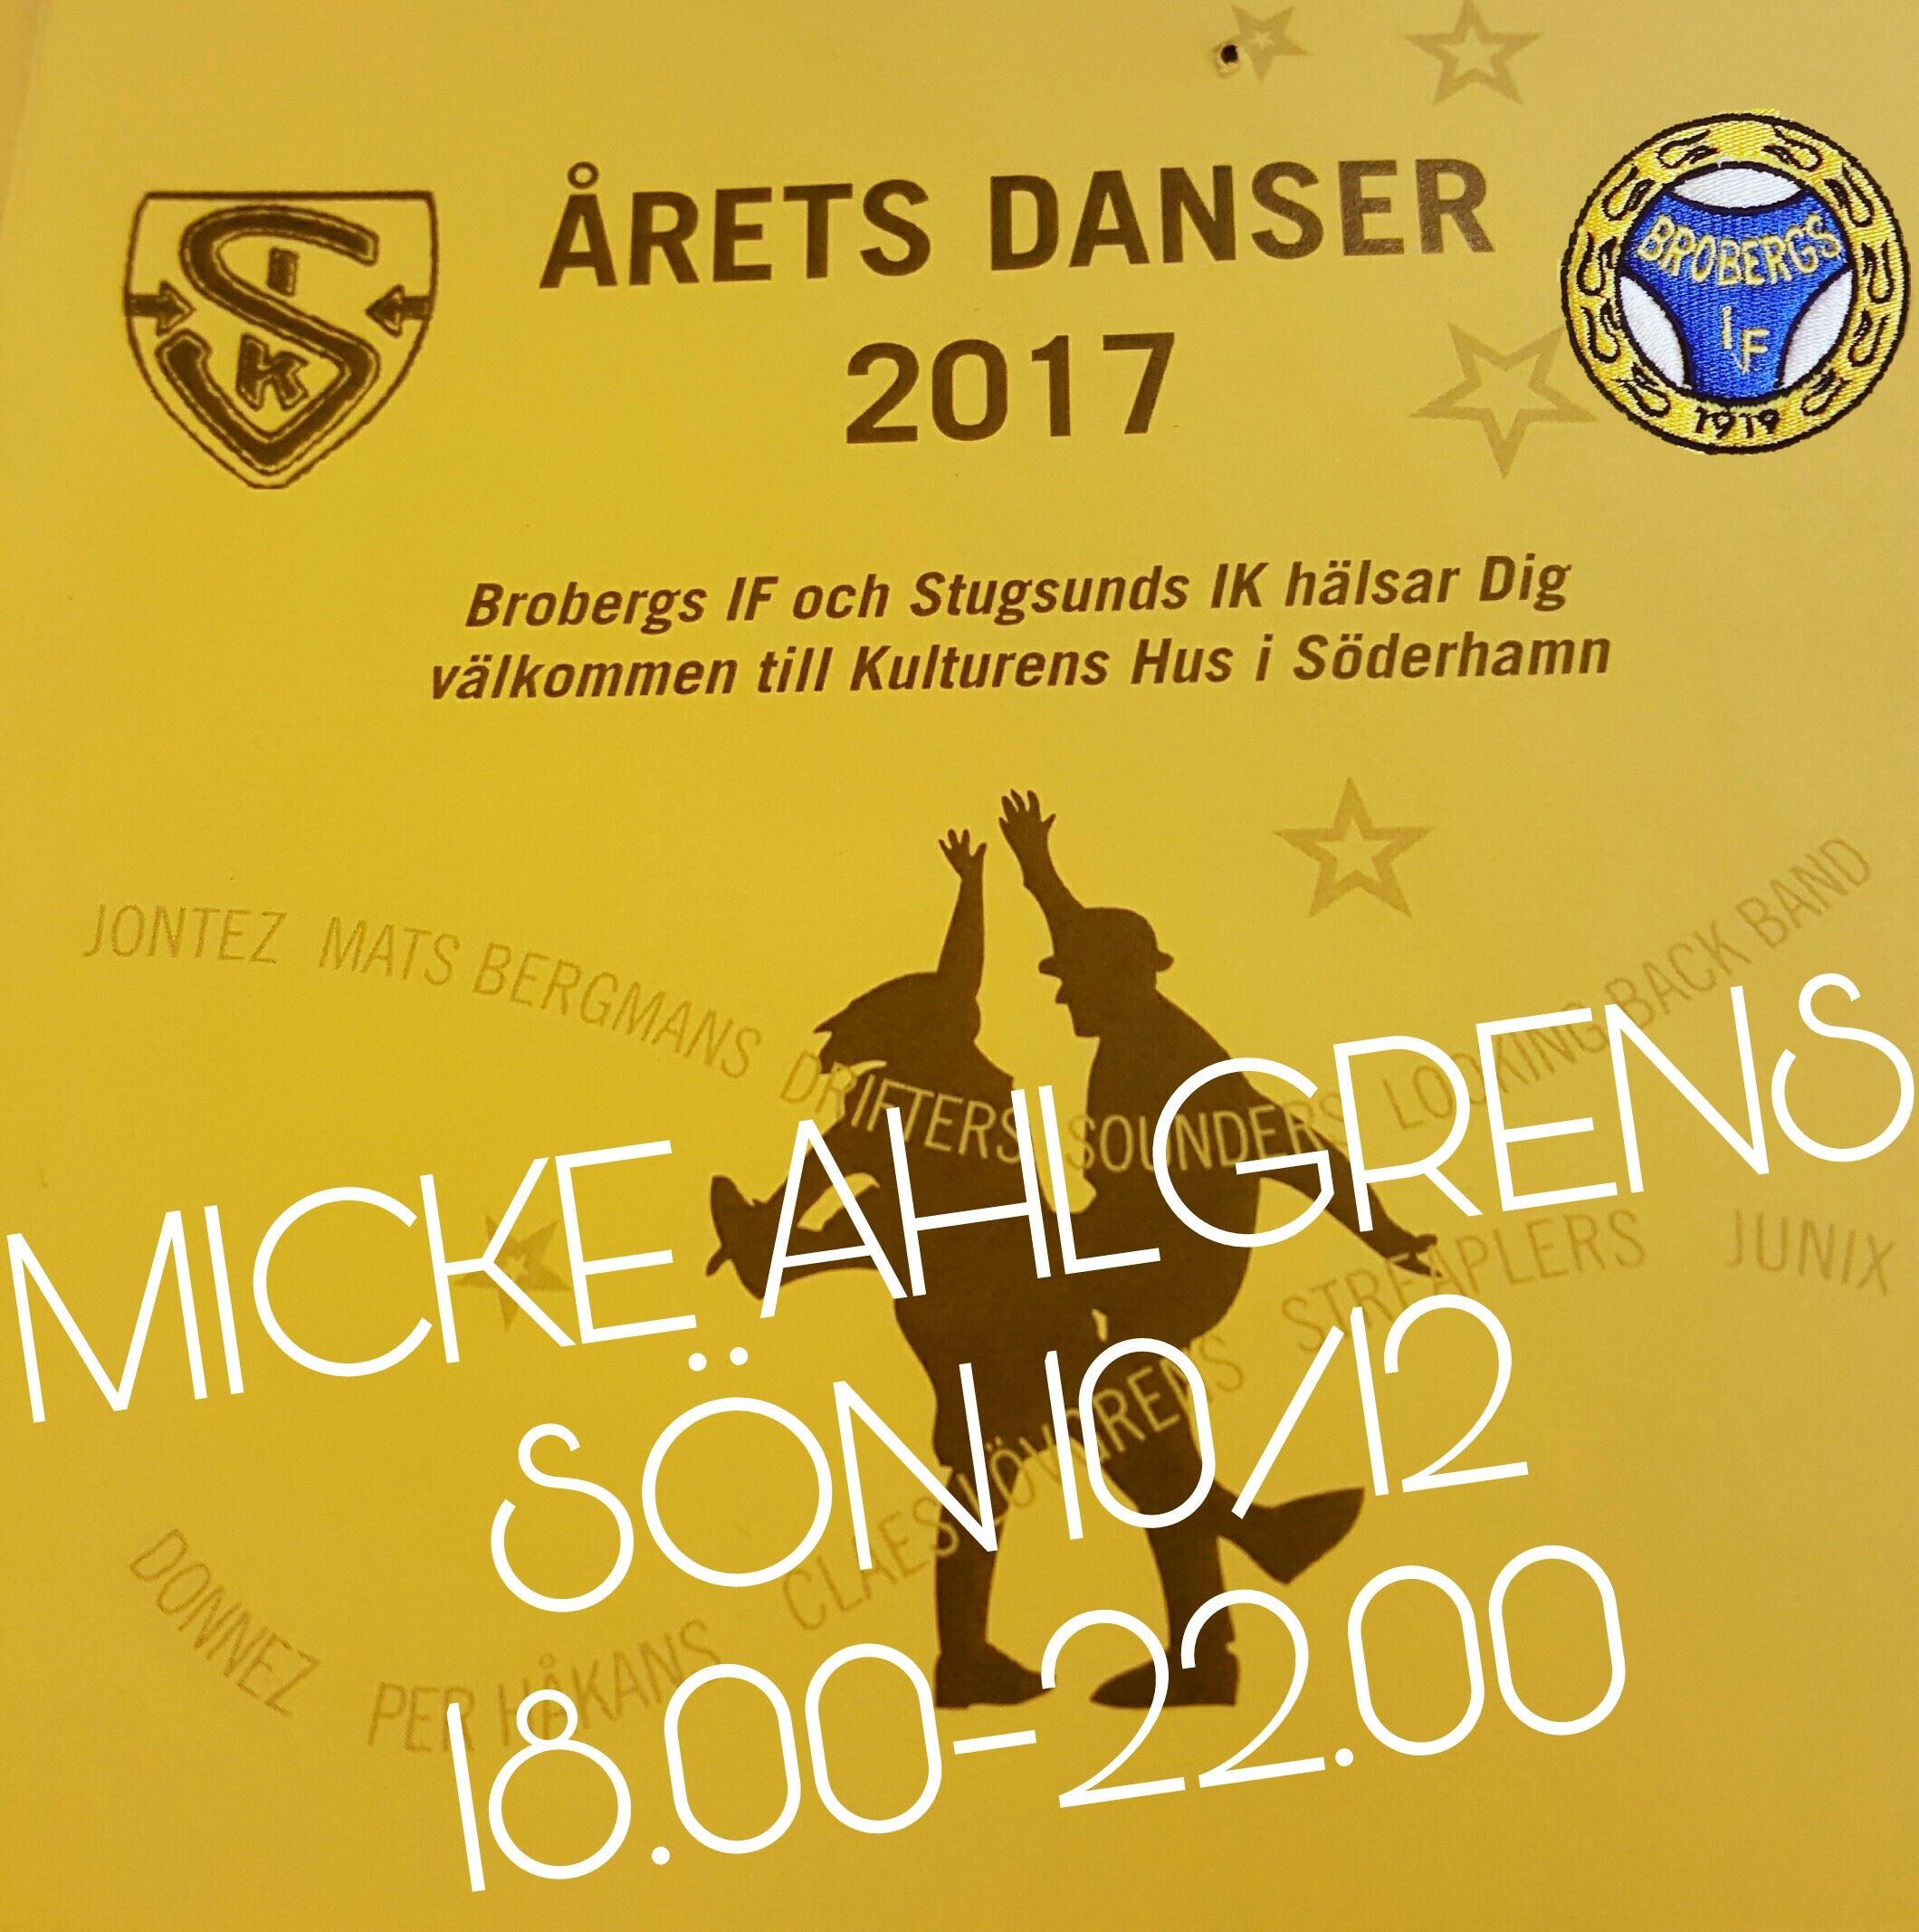 Dansa till MICKE AHLGRENS